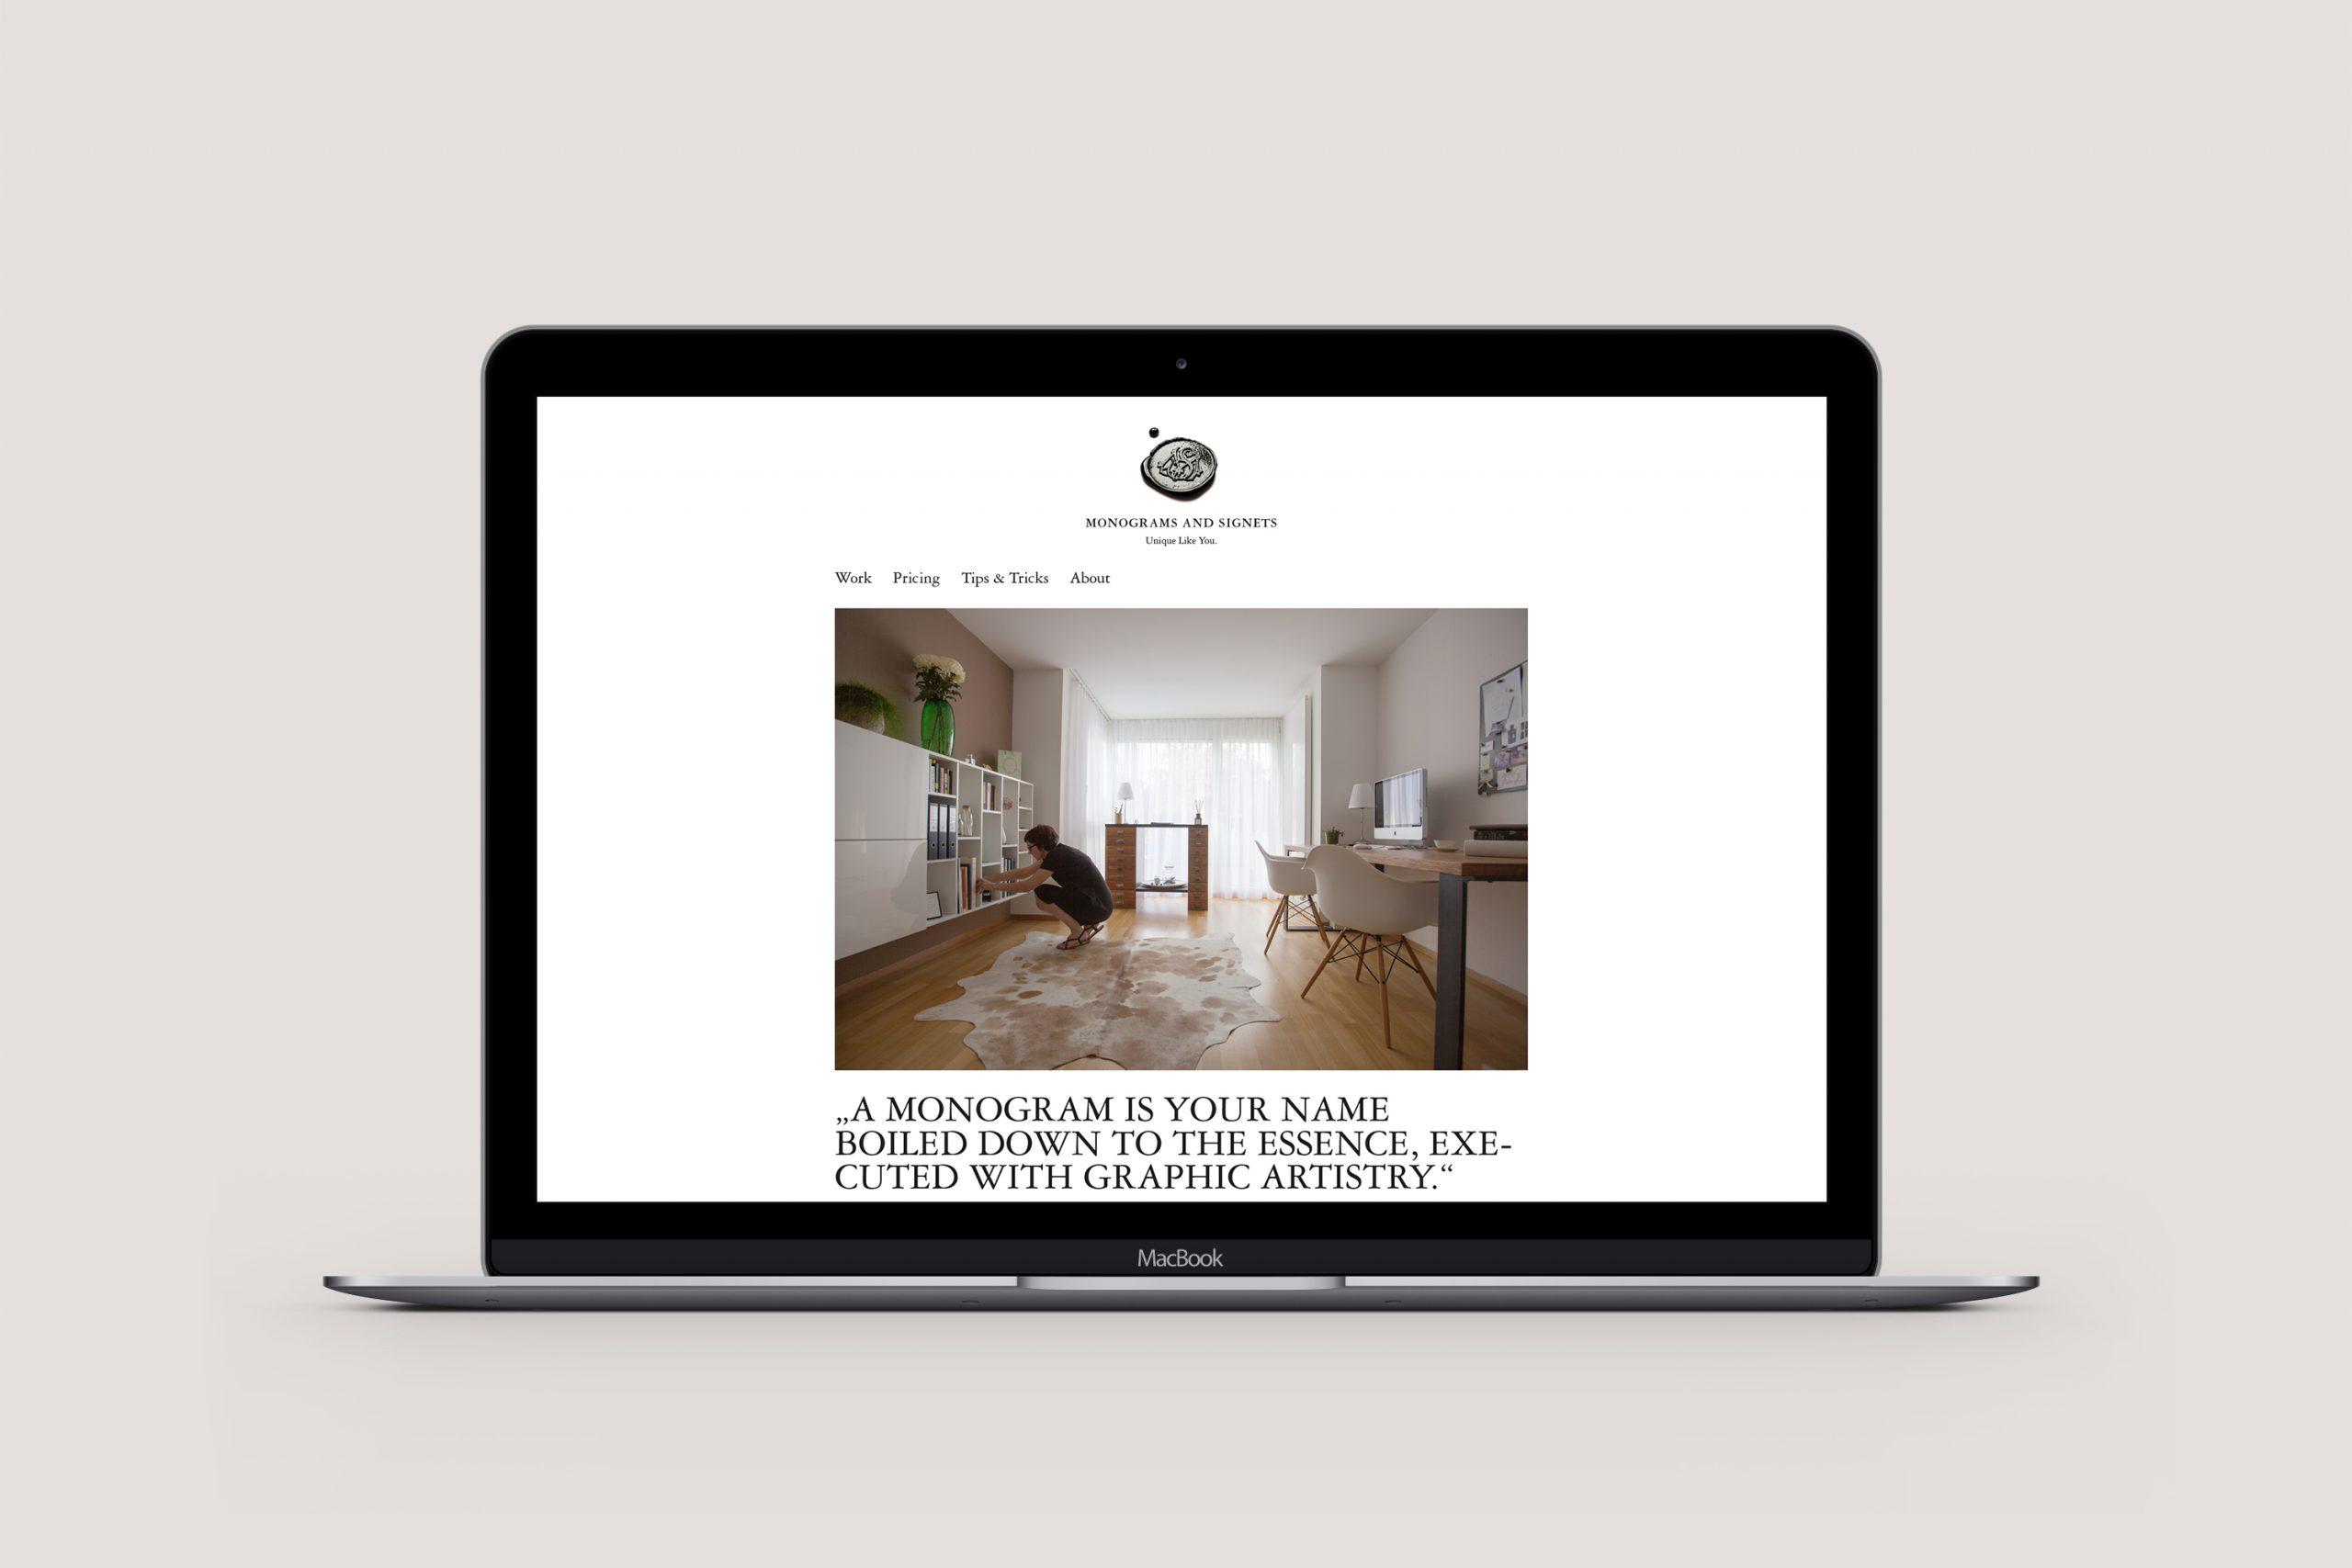 monogramsandsignets_desktop_website